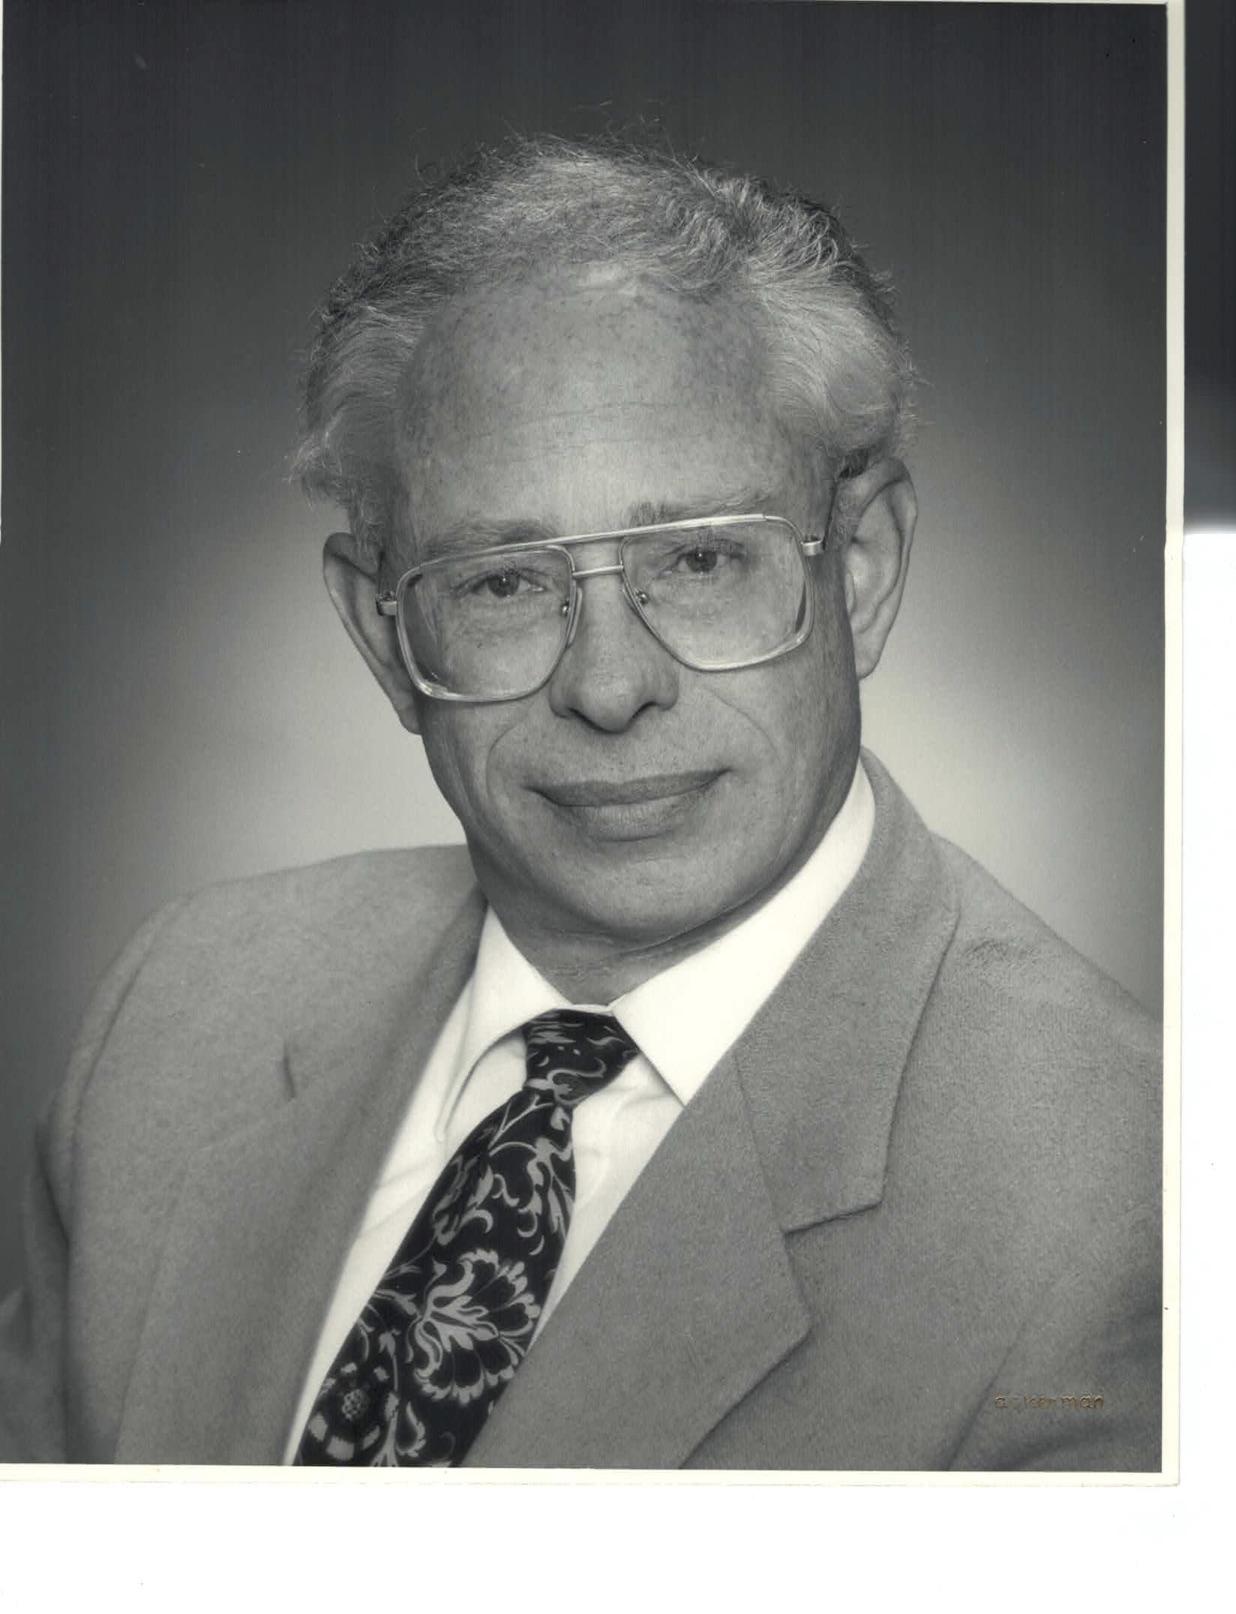 DR. DEAN INGRAM 1994-95